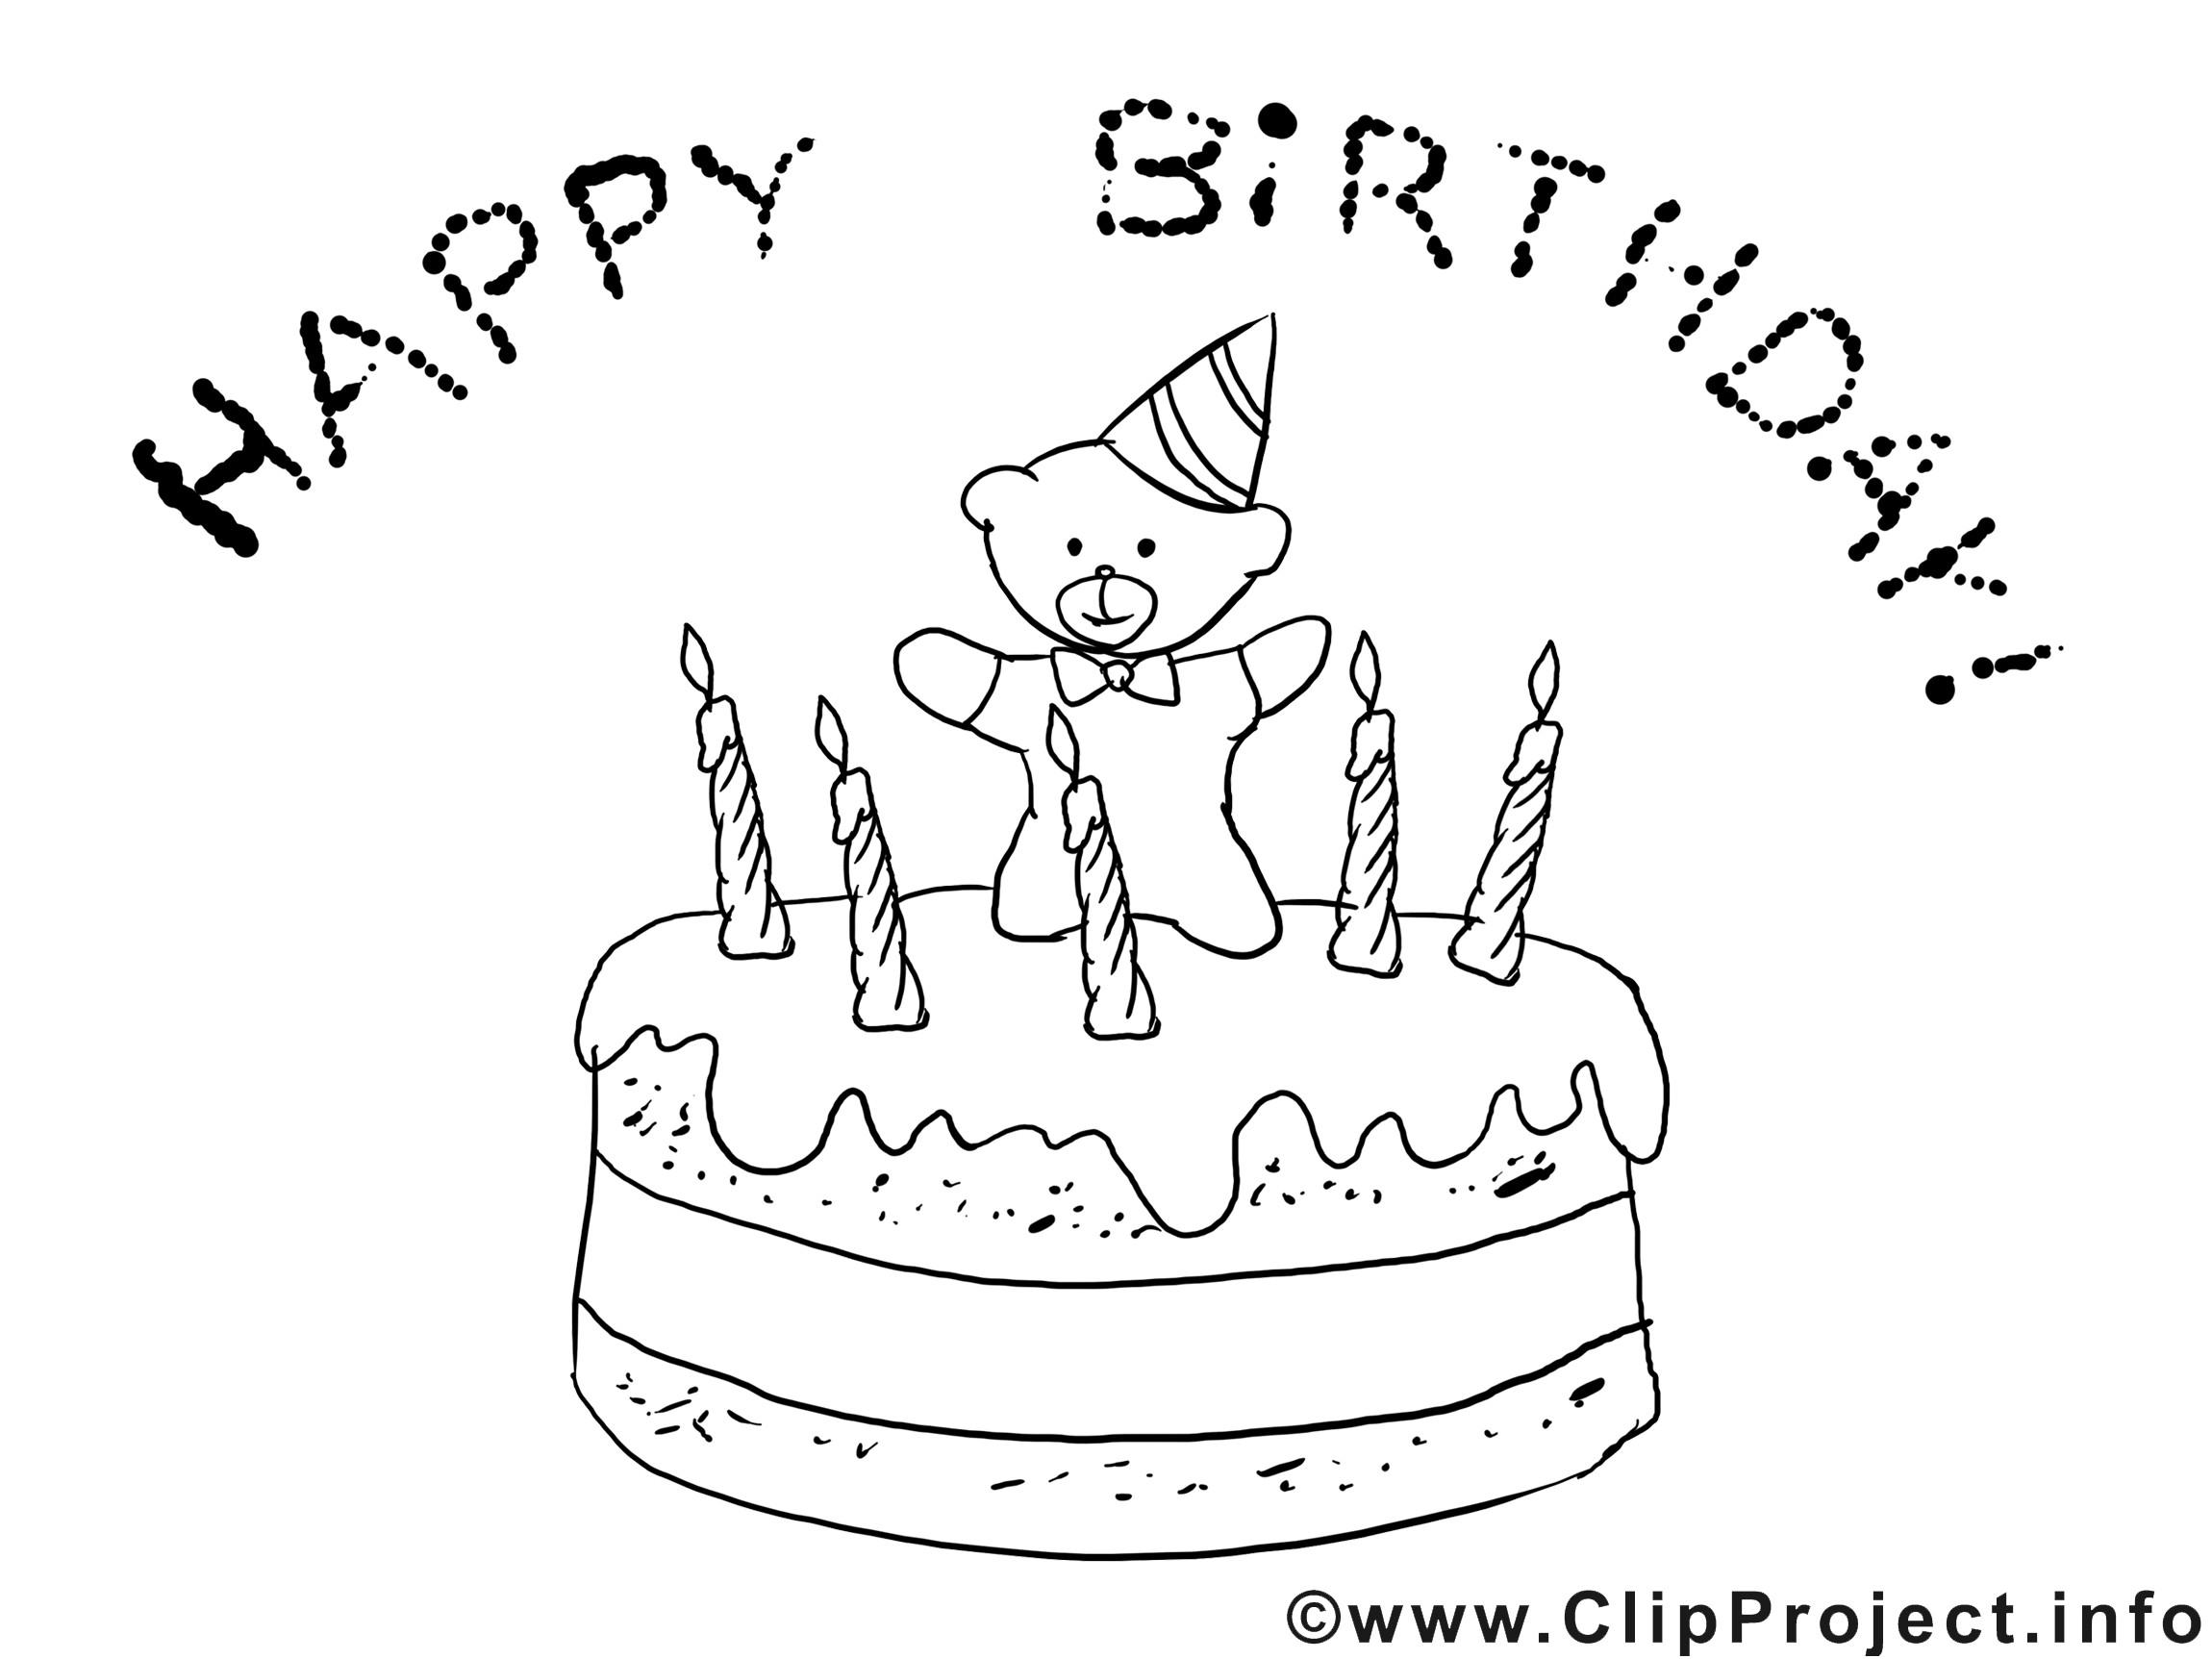 Geburtstagstorte Ausmalbild  Ausmalbild Torte zum Geburtstag